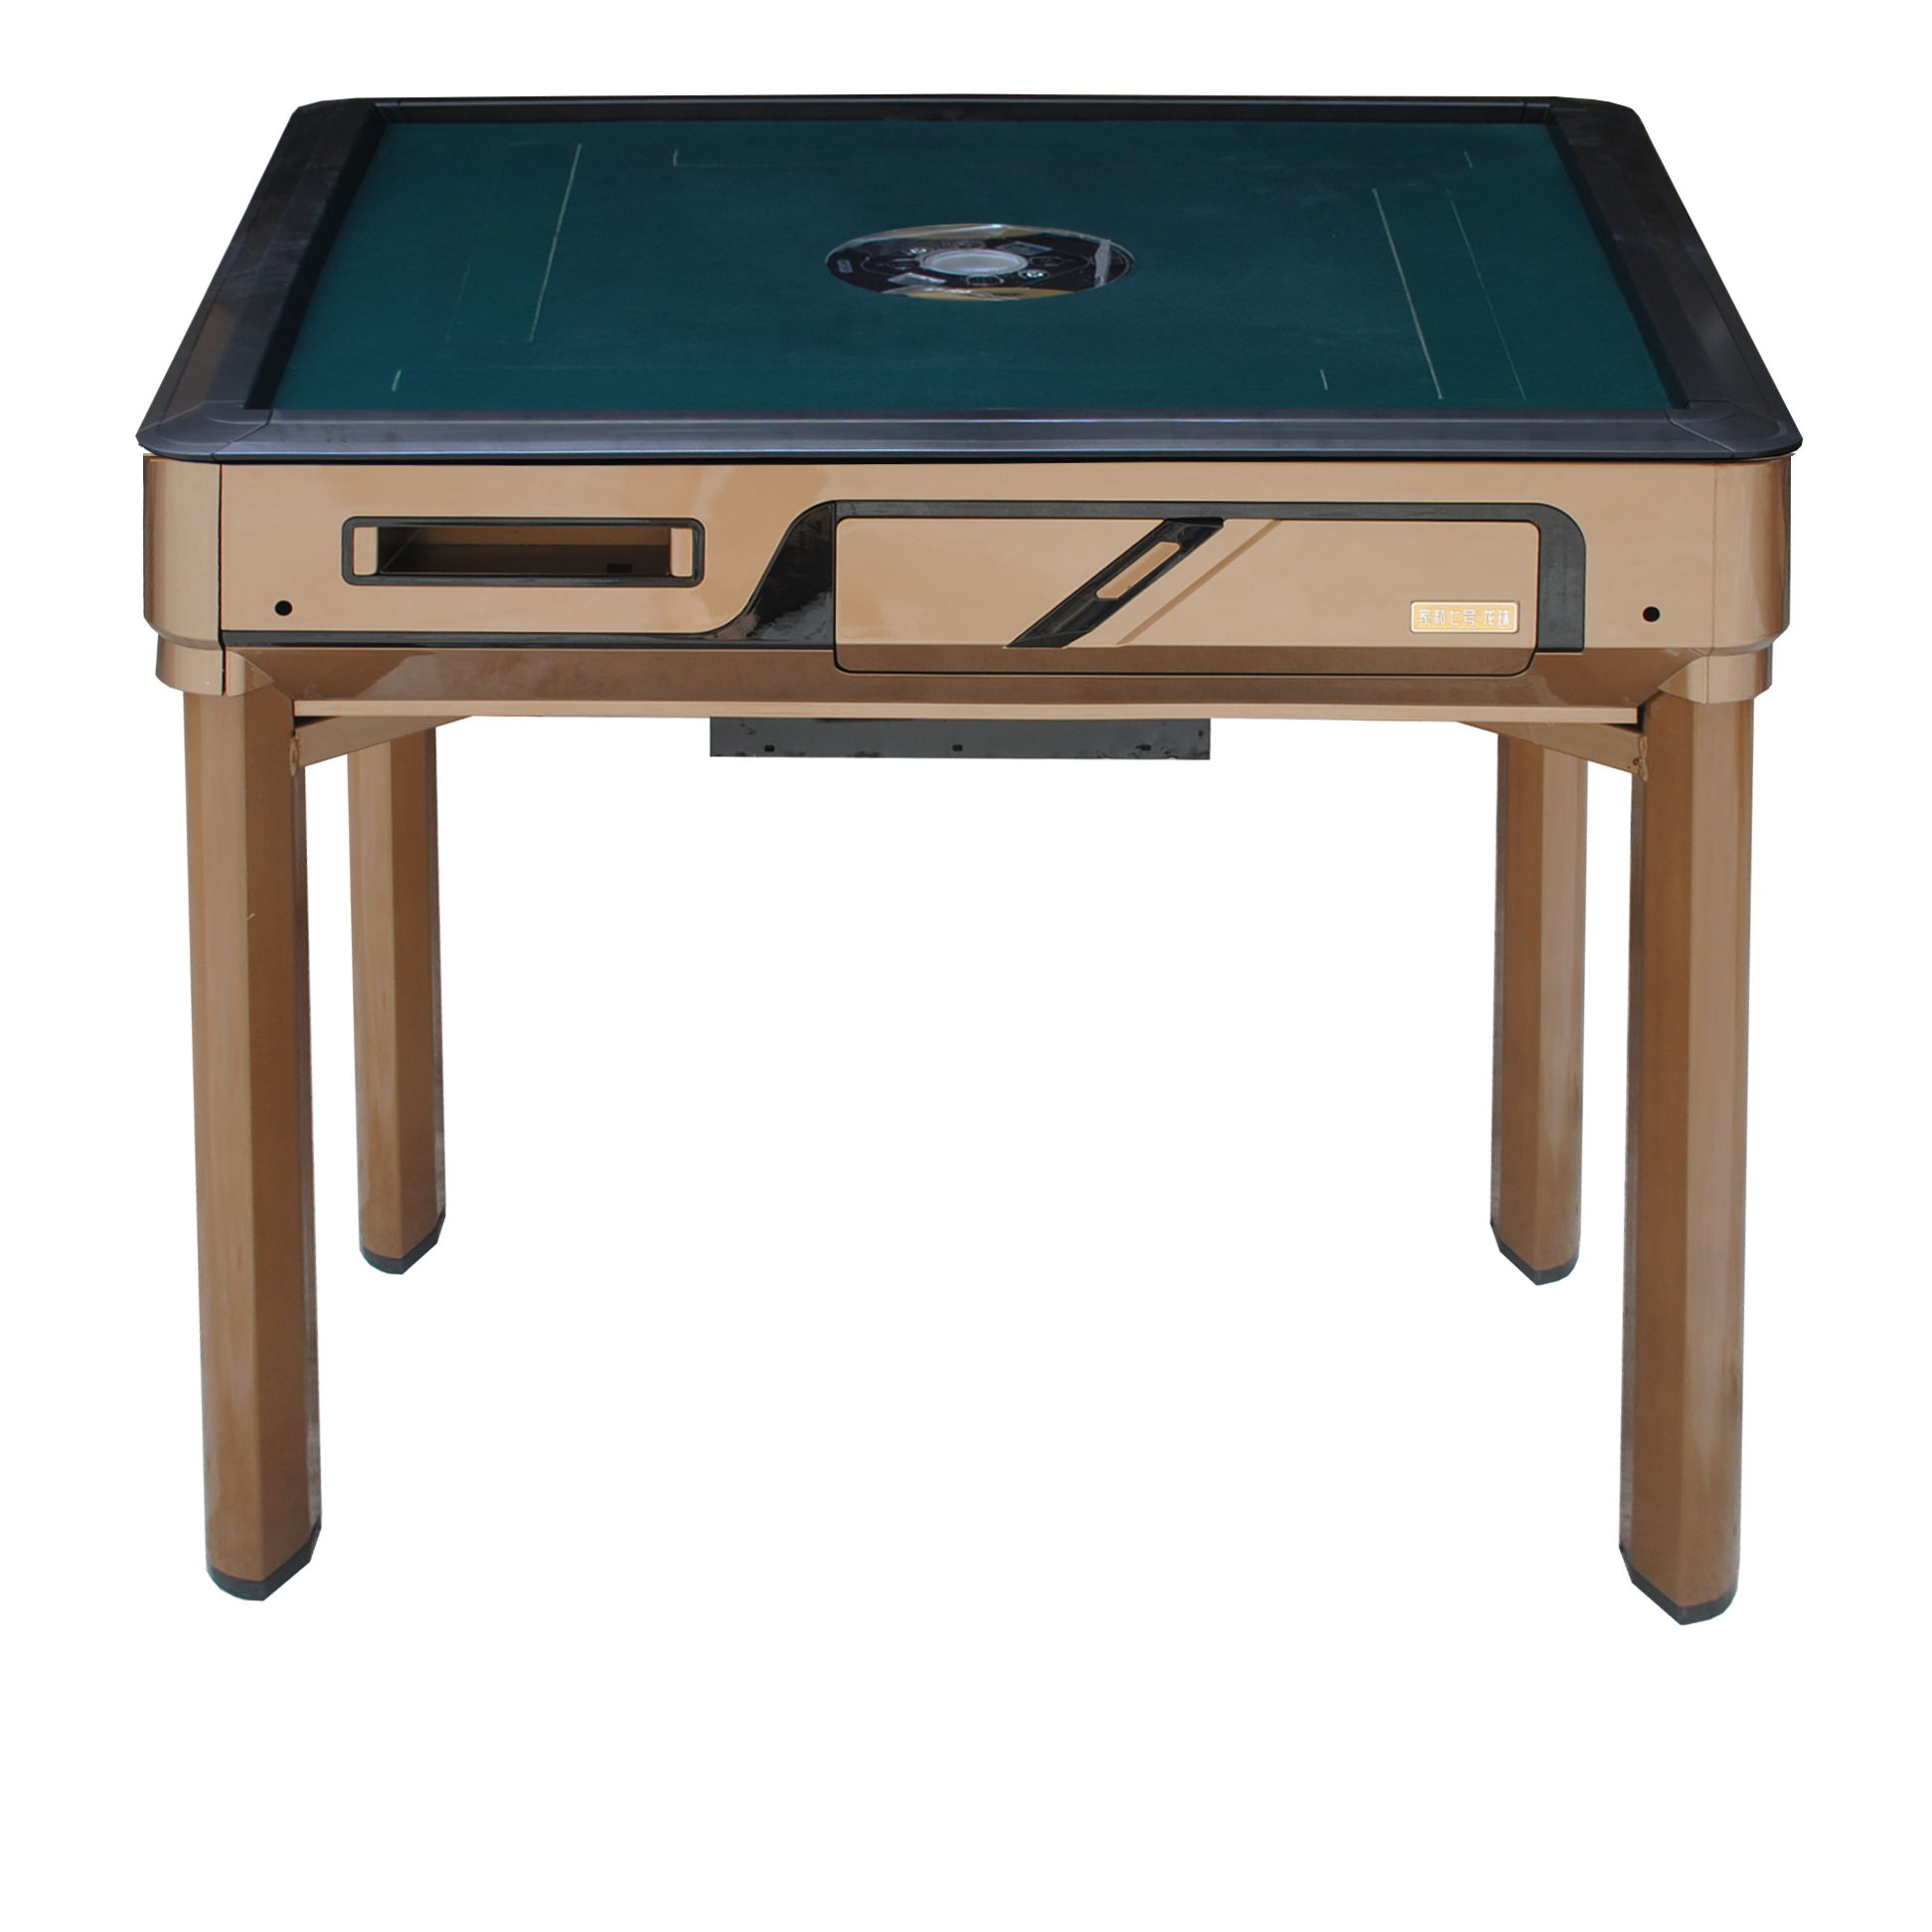 China Mahjong Table China Mahjong Table Shopping Guide at Alibaba